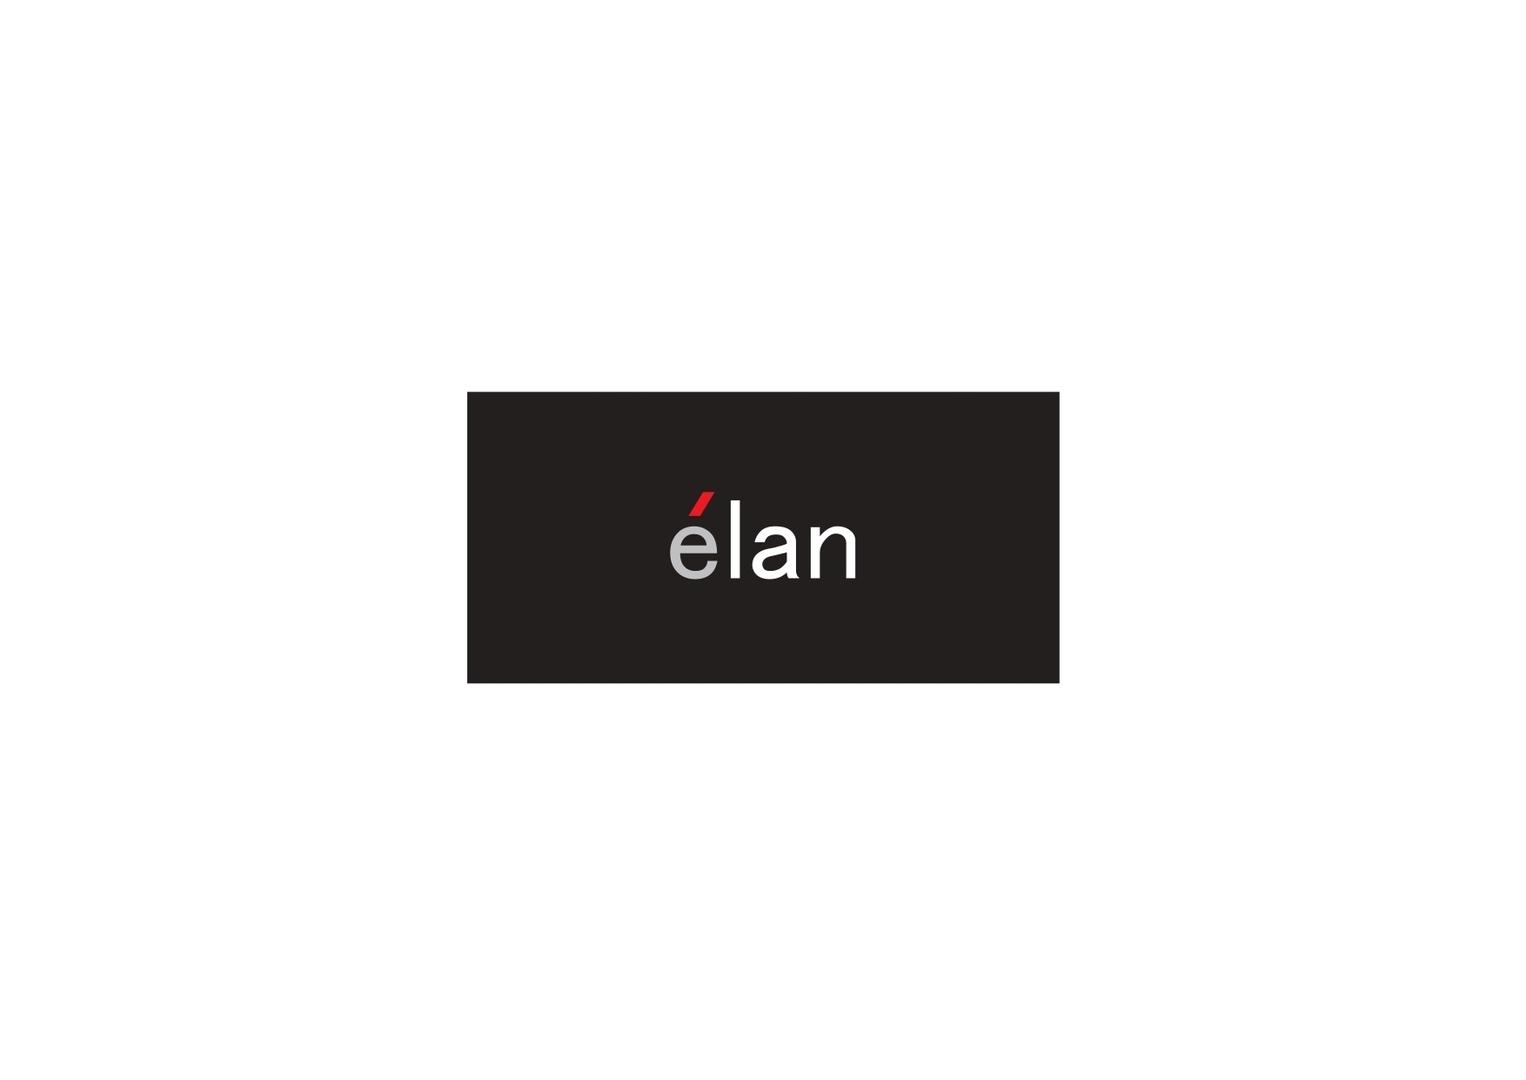 ELJ313707 グラフィックデザイナー/ライフスタイルブランドのカバー写真